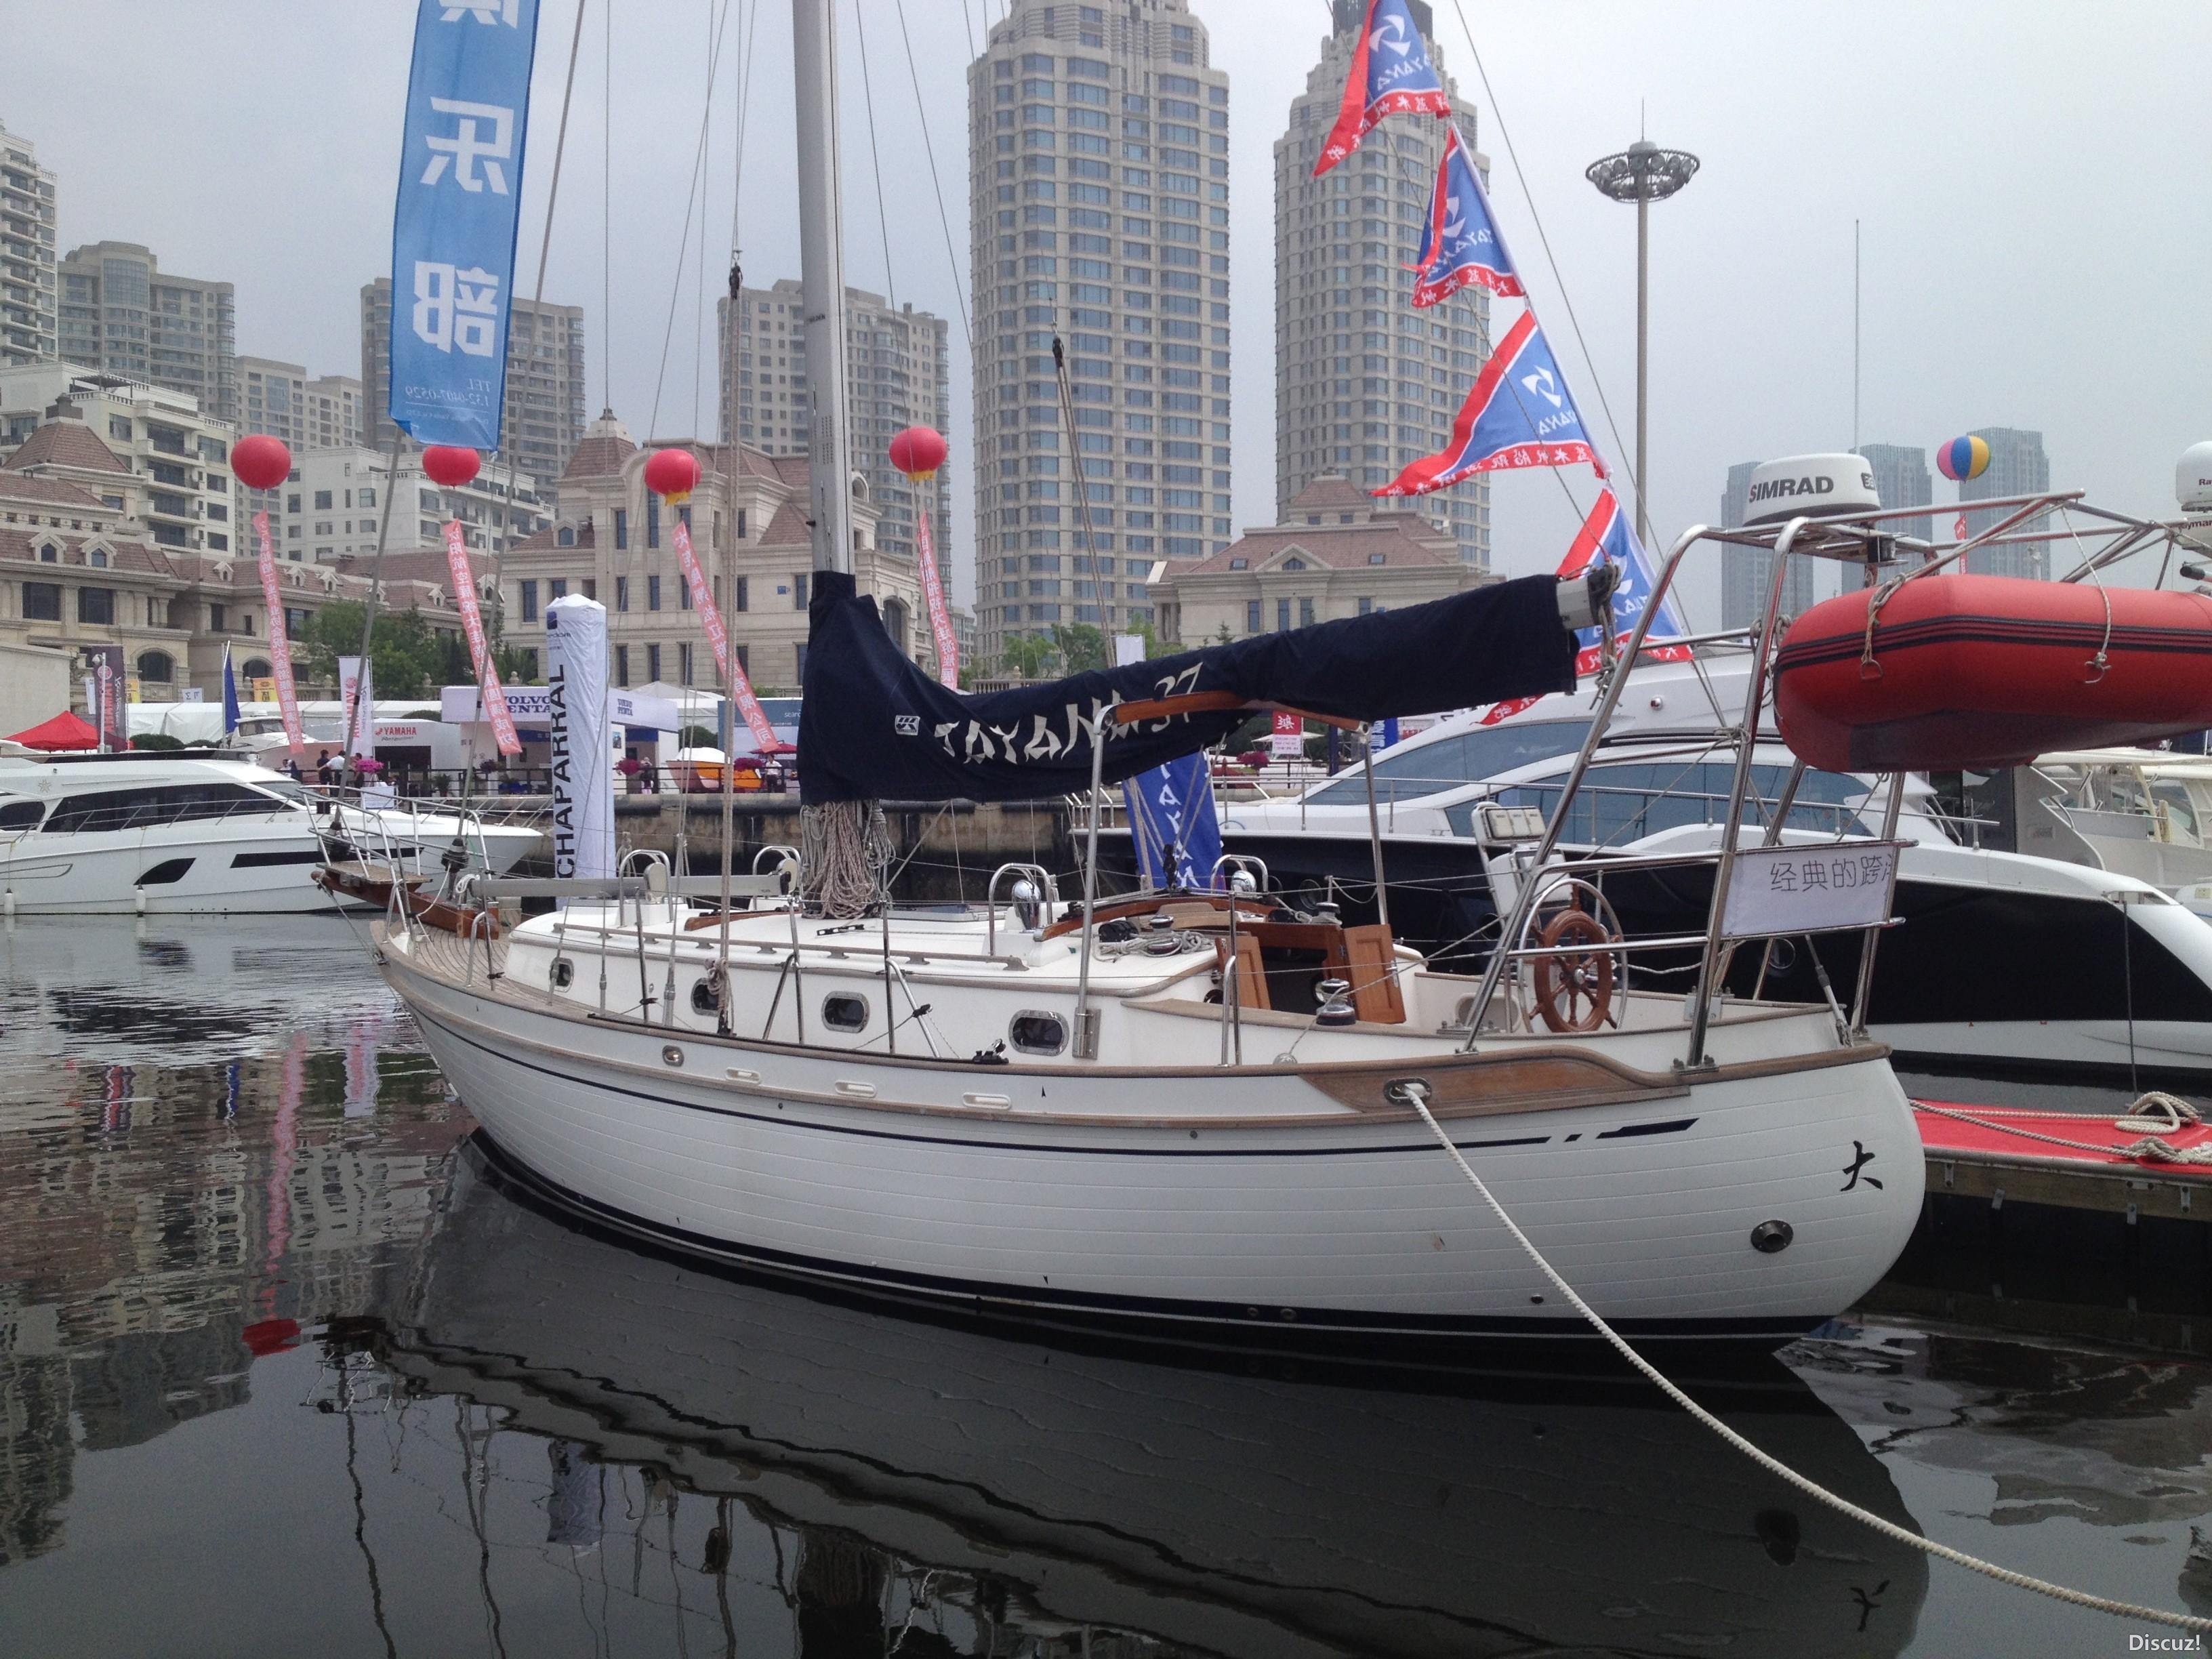 星海湾,大连 大连星海湾游艇码头游艇展-2 IMG_4486.JPG